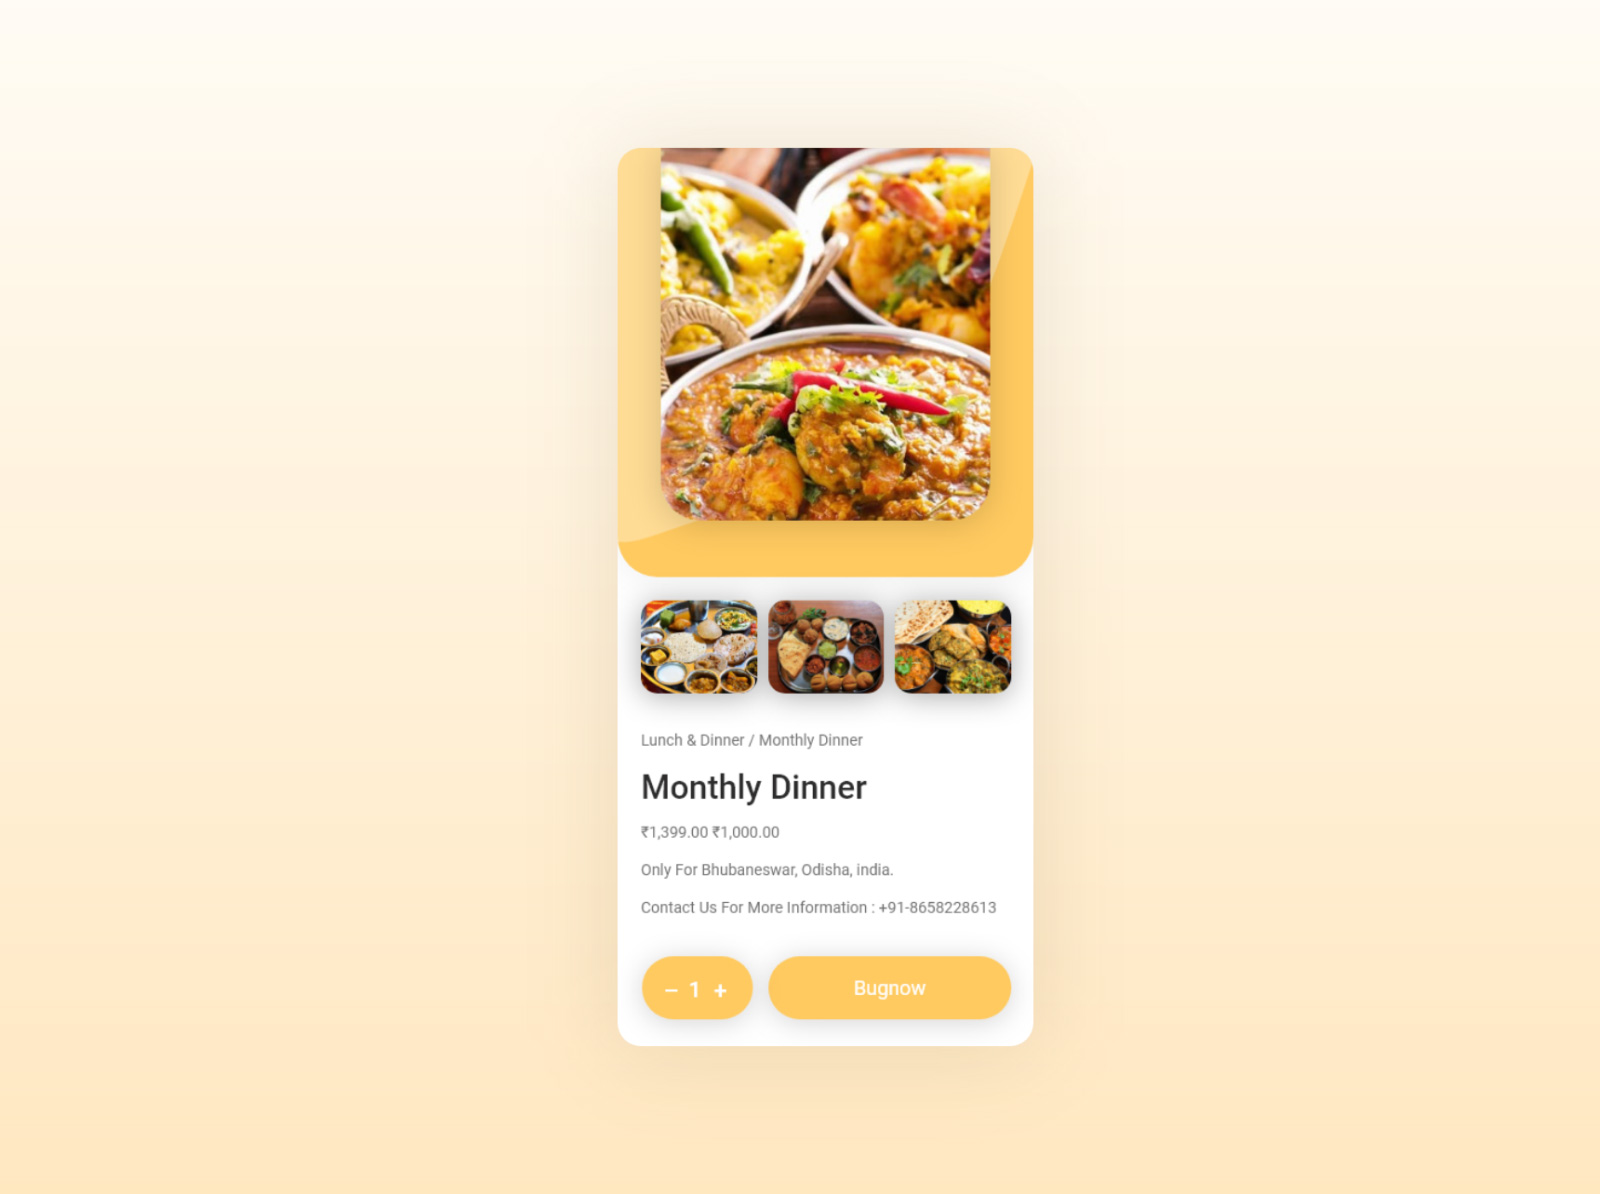 美食应用程序概念设计套件插图2